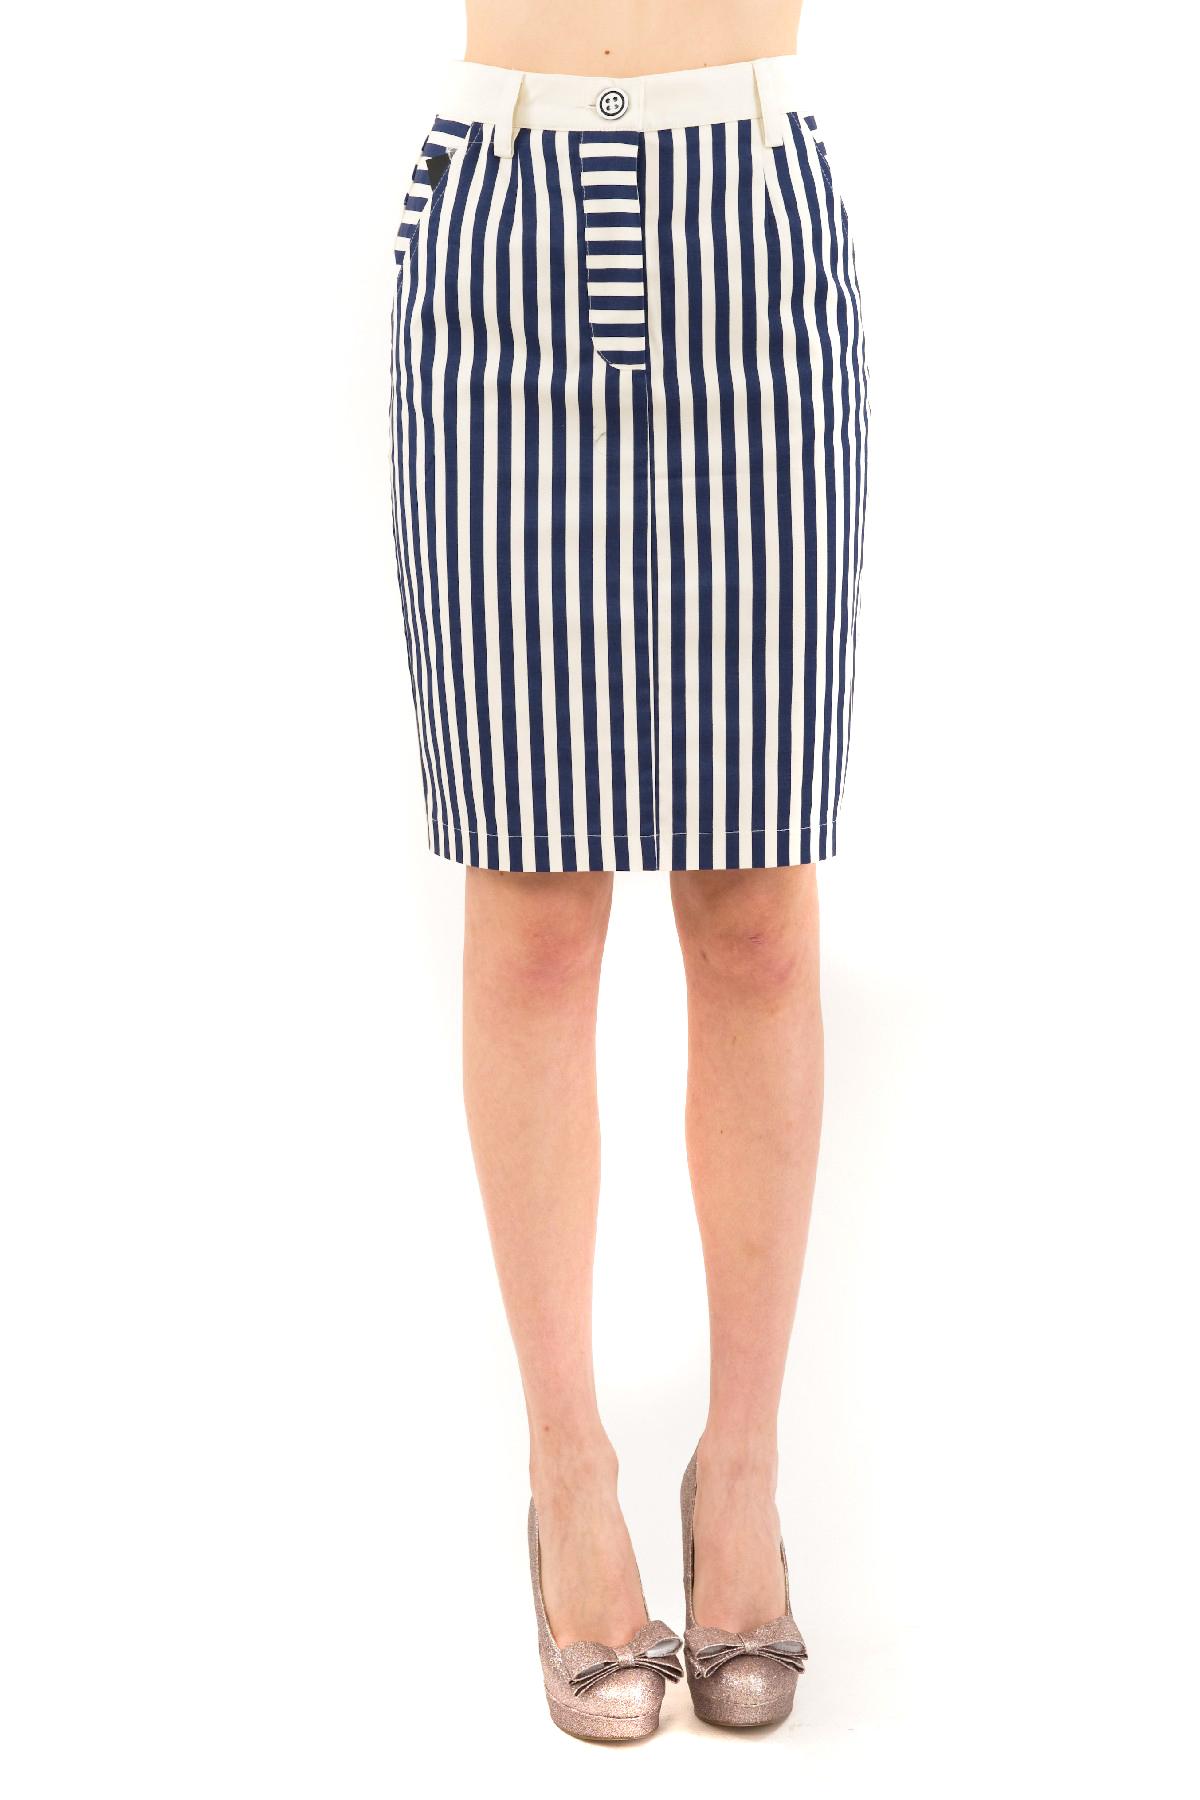 ЮбкаЖенские юбки и брюки<br>Любишь быть в центре внимания? Значит, эта элегантная дизайнерская юбка создана специально для тебя!Яркая, стильная юбка, отвечающая последним fashion- тенденциям, создана для девушек, разбирающихся в модных новинках.<br><br>Цвет: молочный,зеленый<br>Состав: 97% хлопок, 3% лайкра<br>Размер: 40,42,46<br>Страна дизайна: Россия<br>Страна производства: Россия